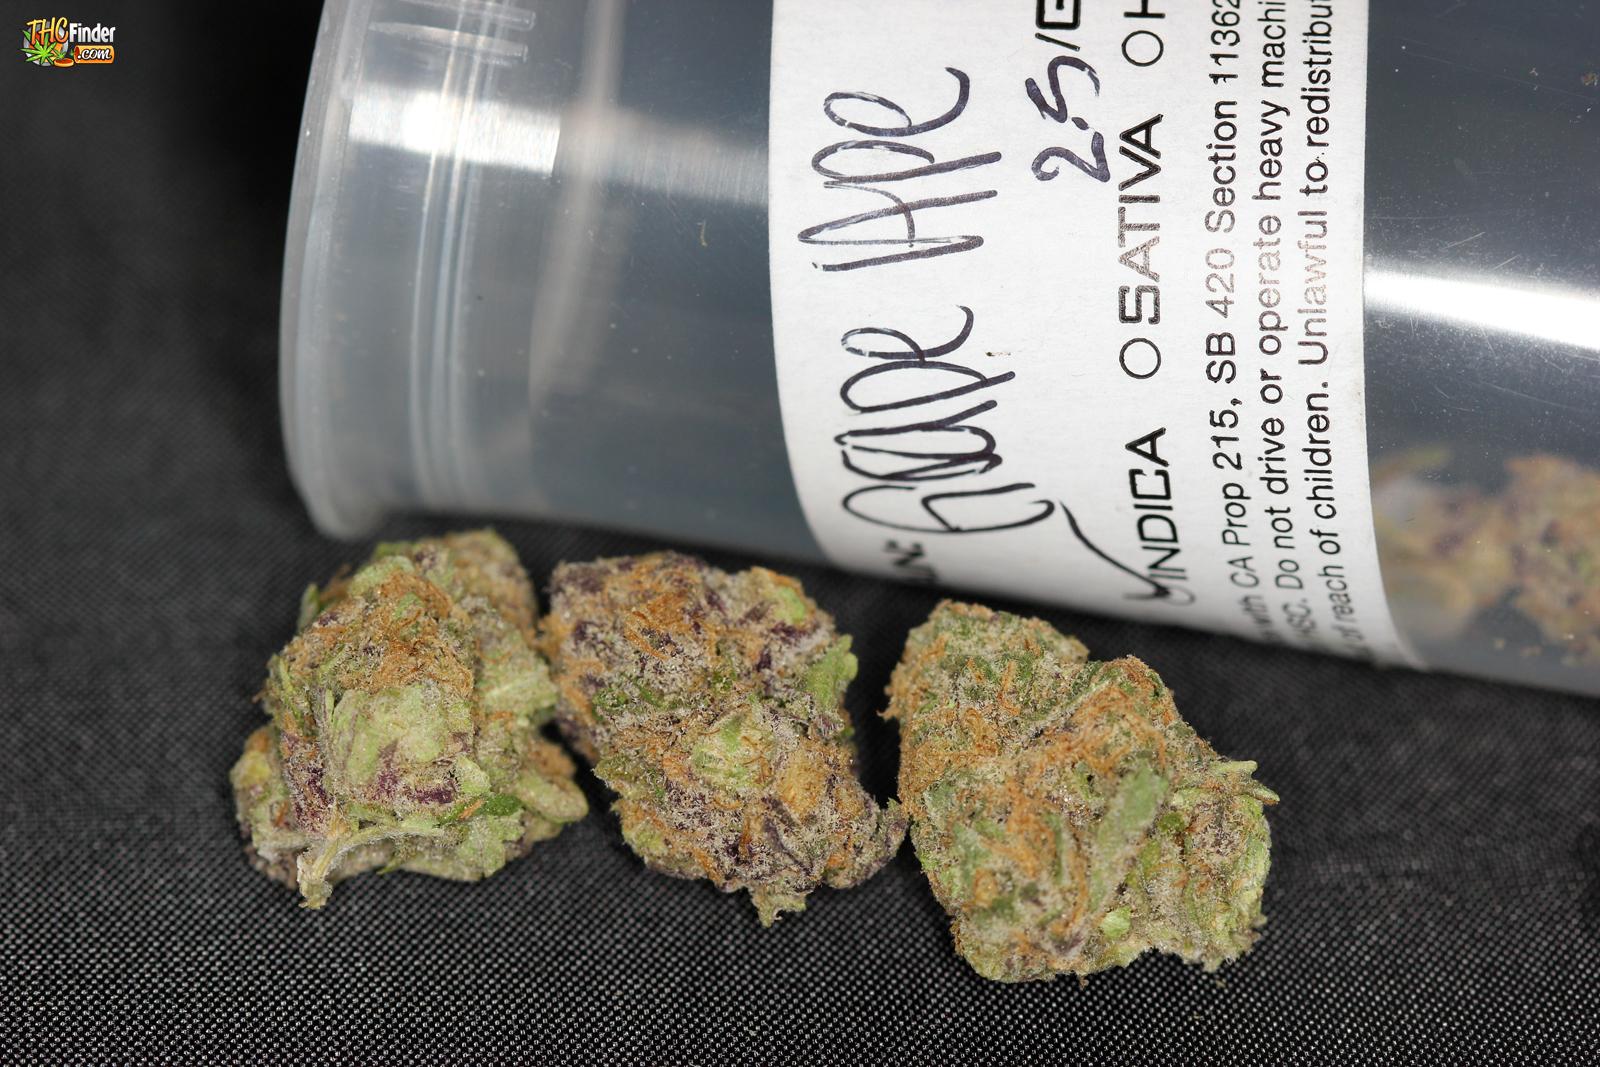 medical-marijuana-demand-drops